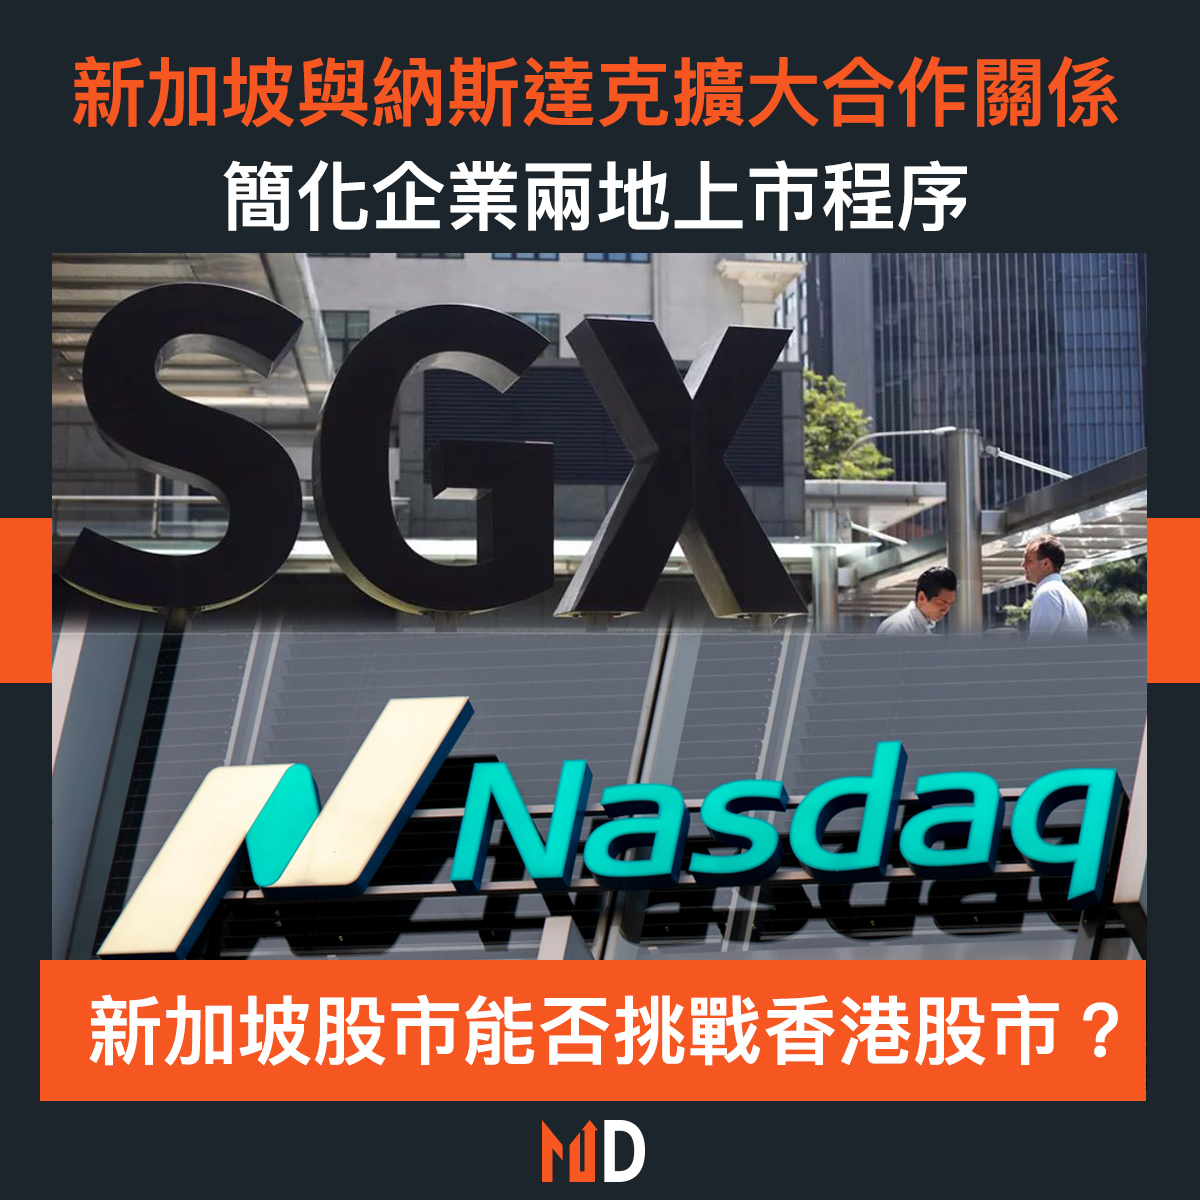 【市場熱話】新加坡與納斯達克擴大合作關係,簡化企業兩地上市程序